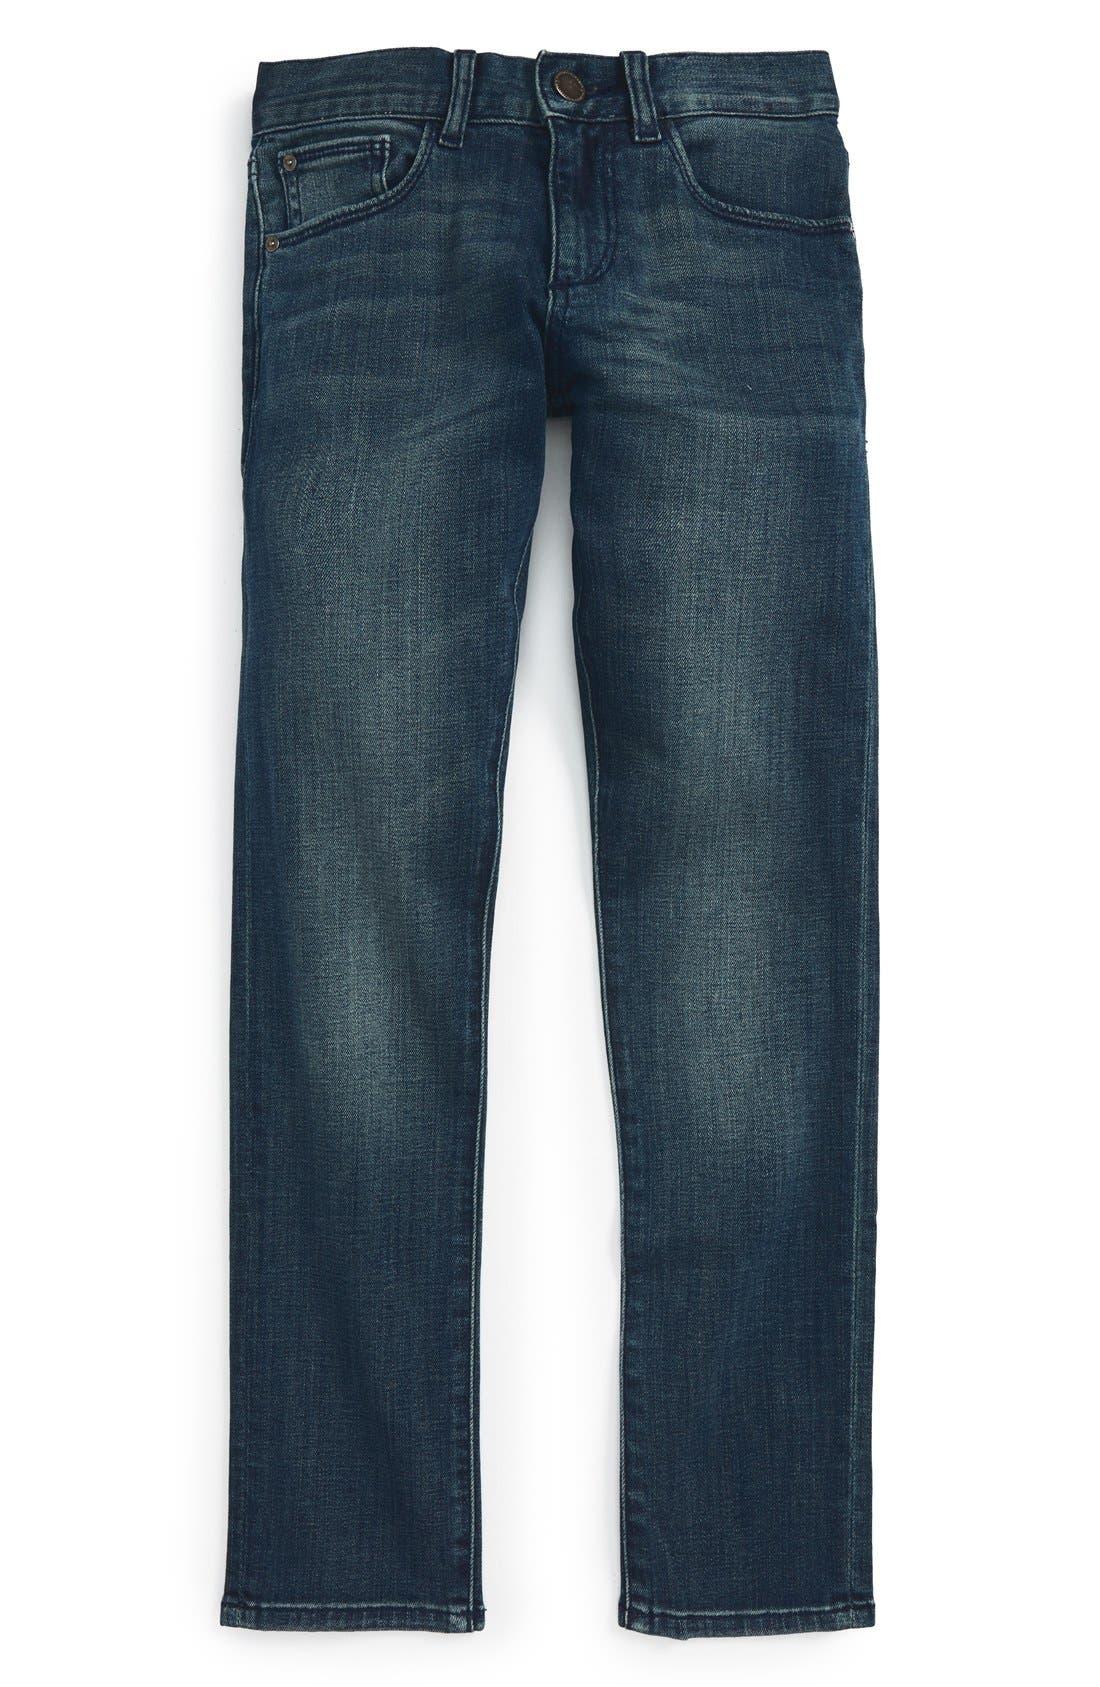 DL1961 'Hawke' Skinny Jeans (Big Boys)